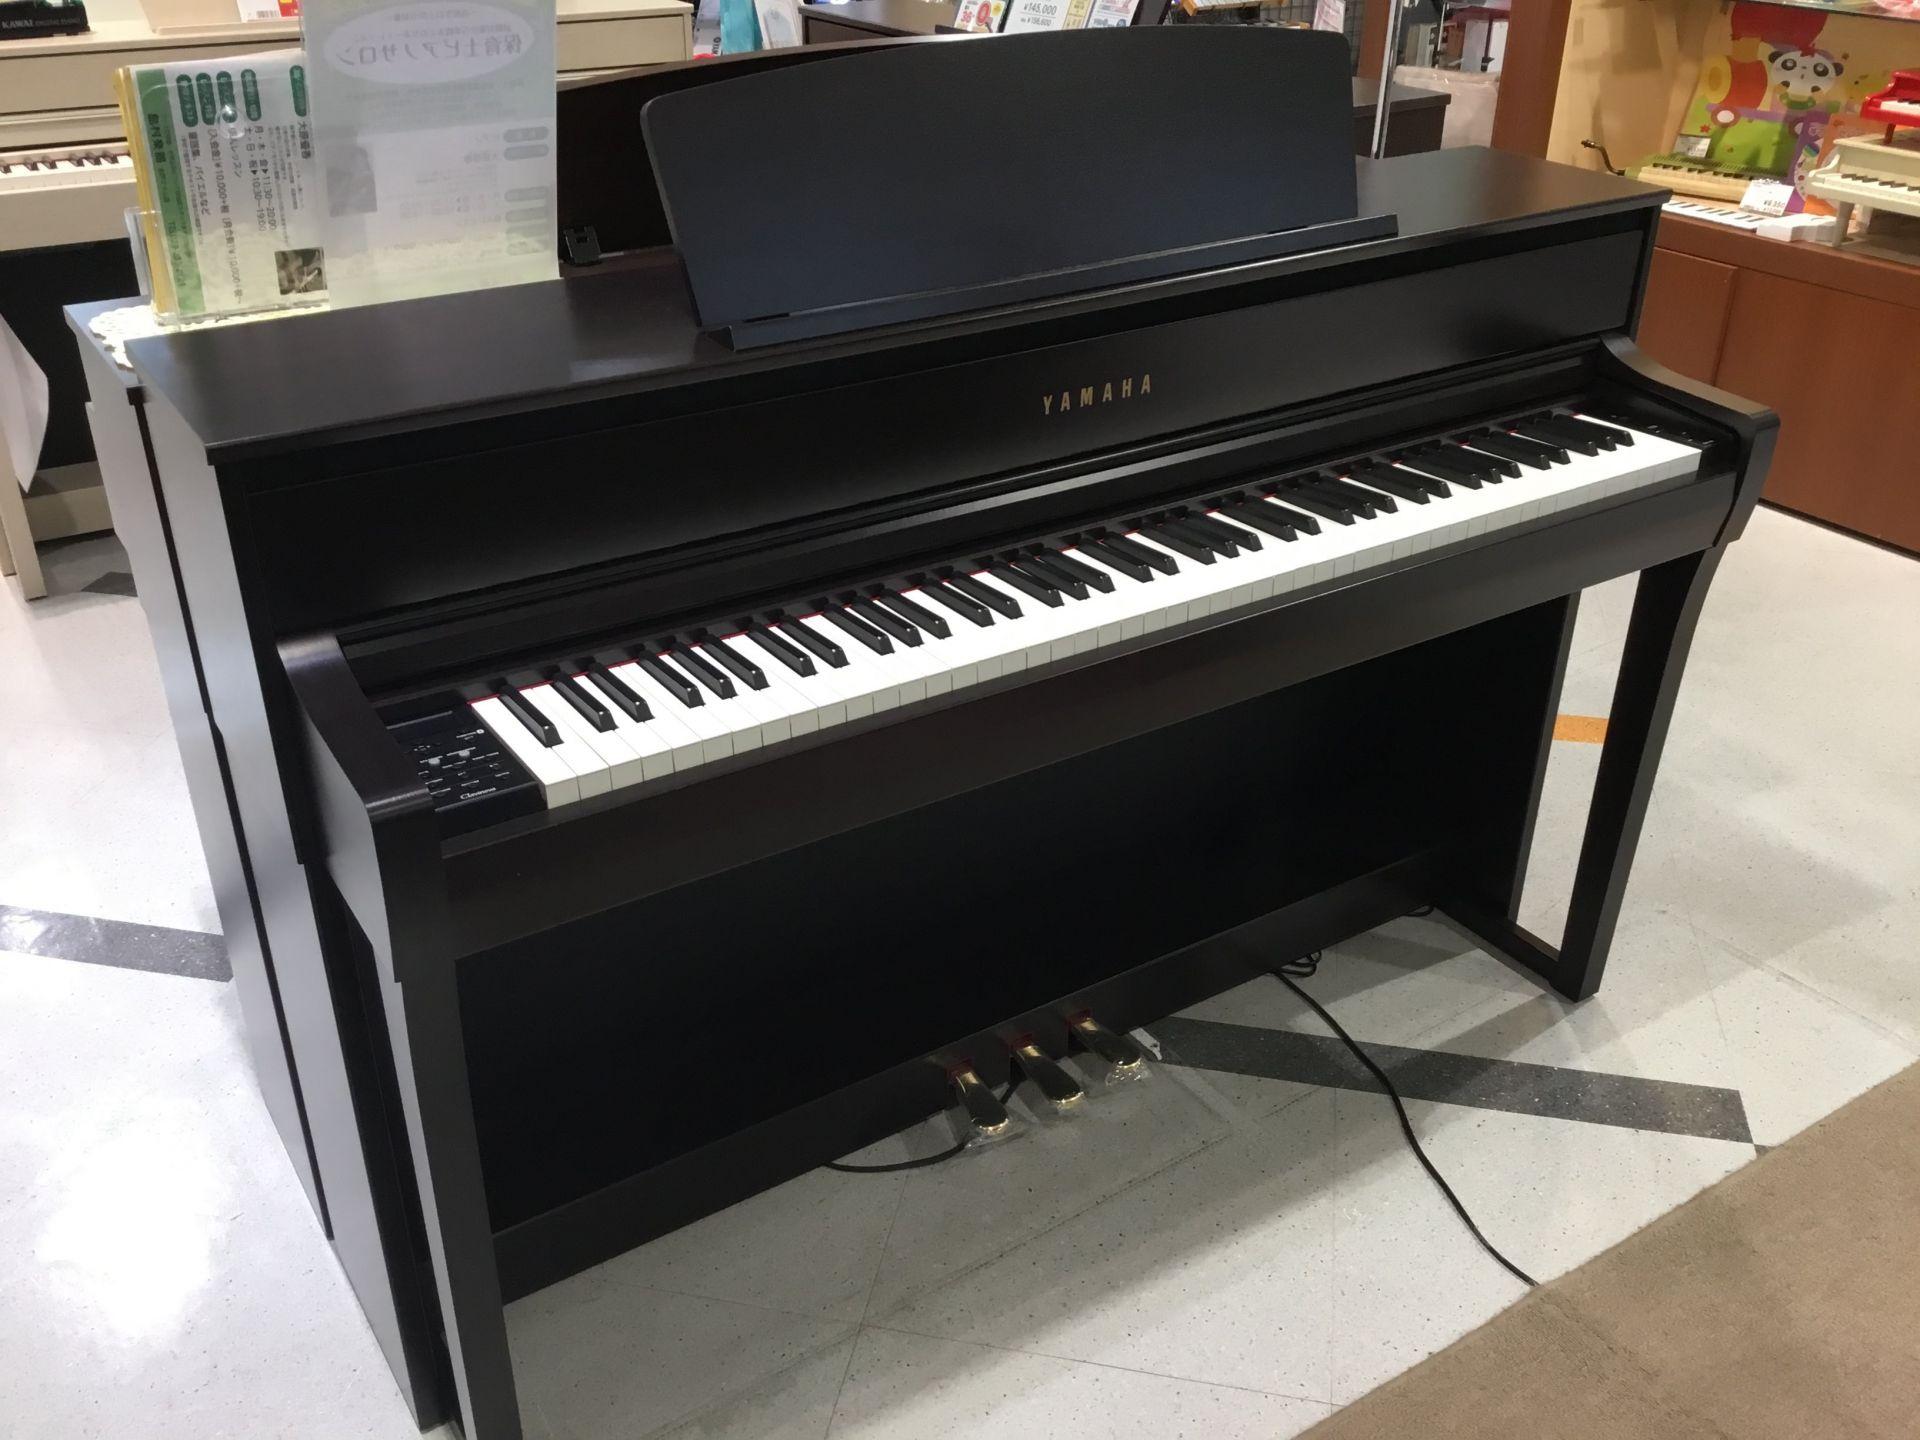 水戸 電子ピアノ 島村楽器 デジタルピアノ